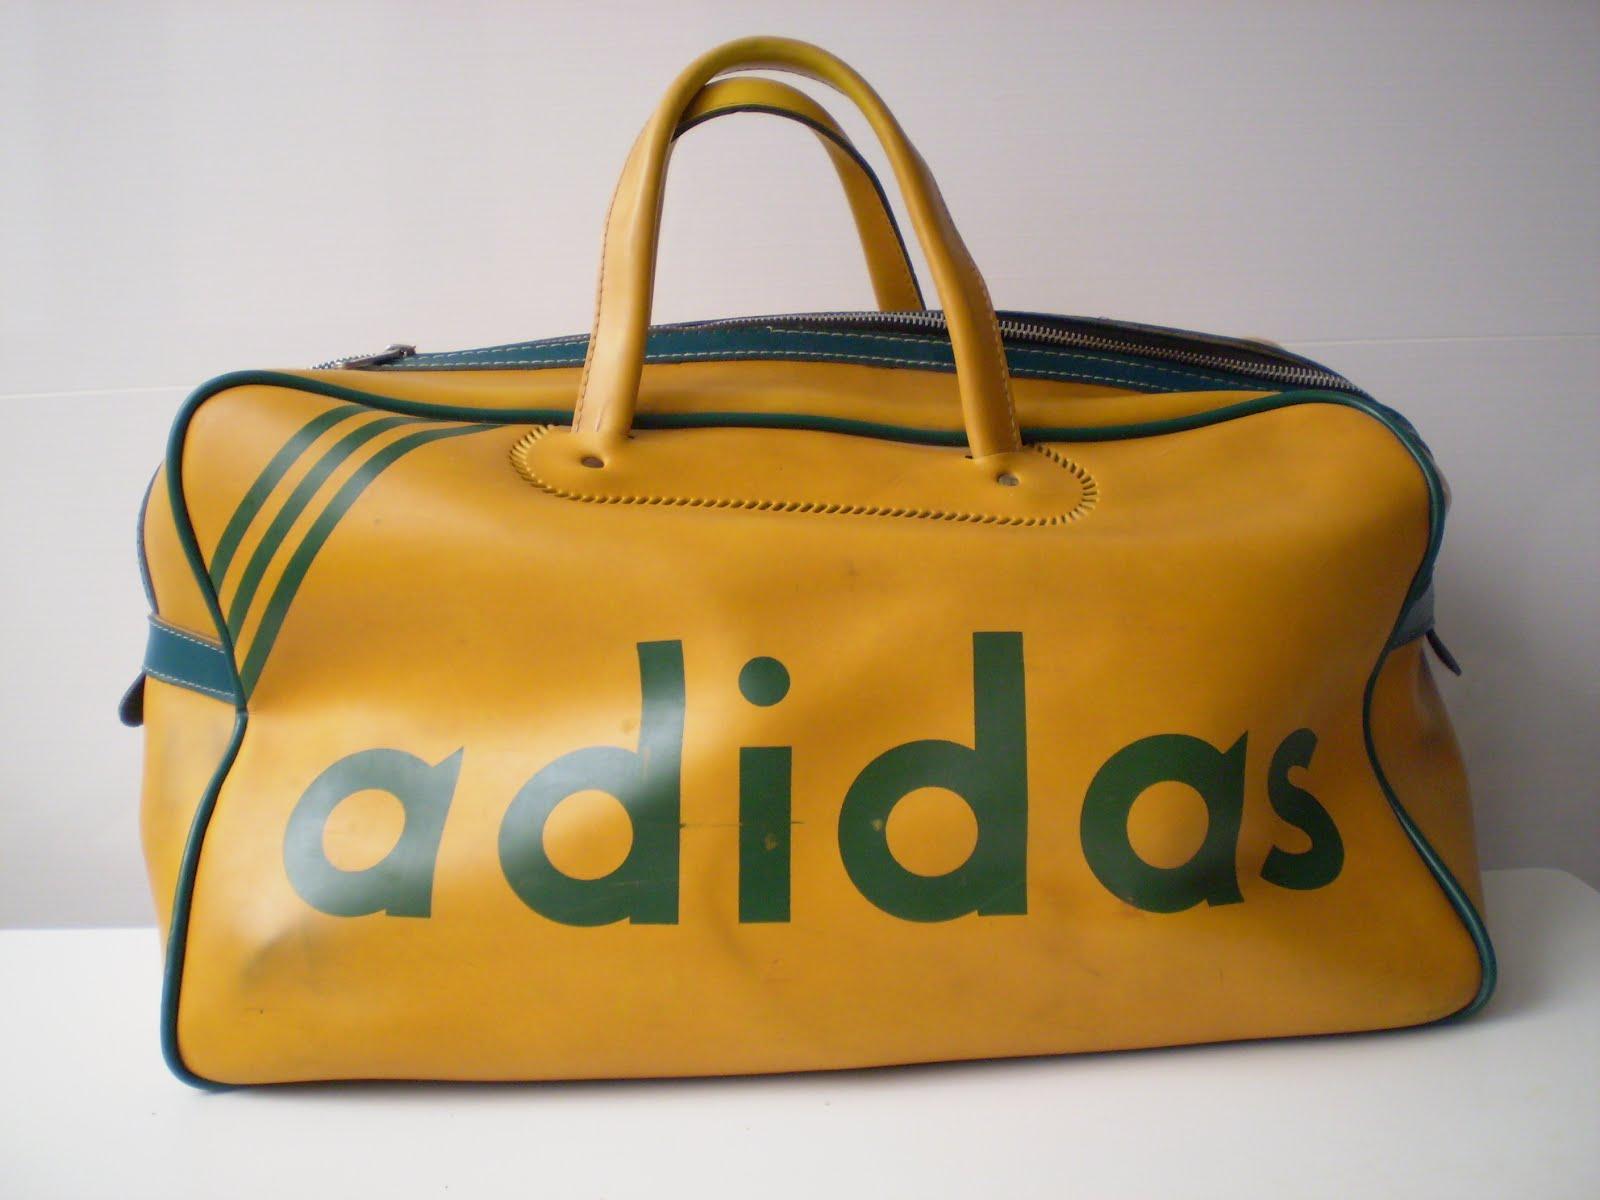 VintageríaBolso 70Vintage De Adidas Sport DeporteAños Bag jGzMLqUVpS